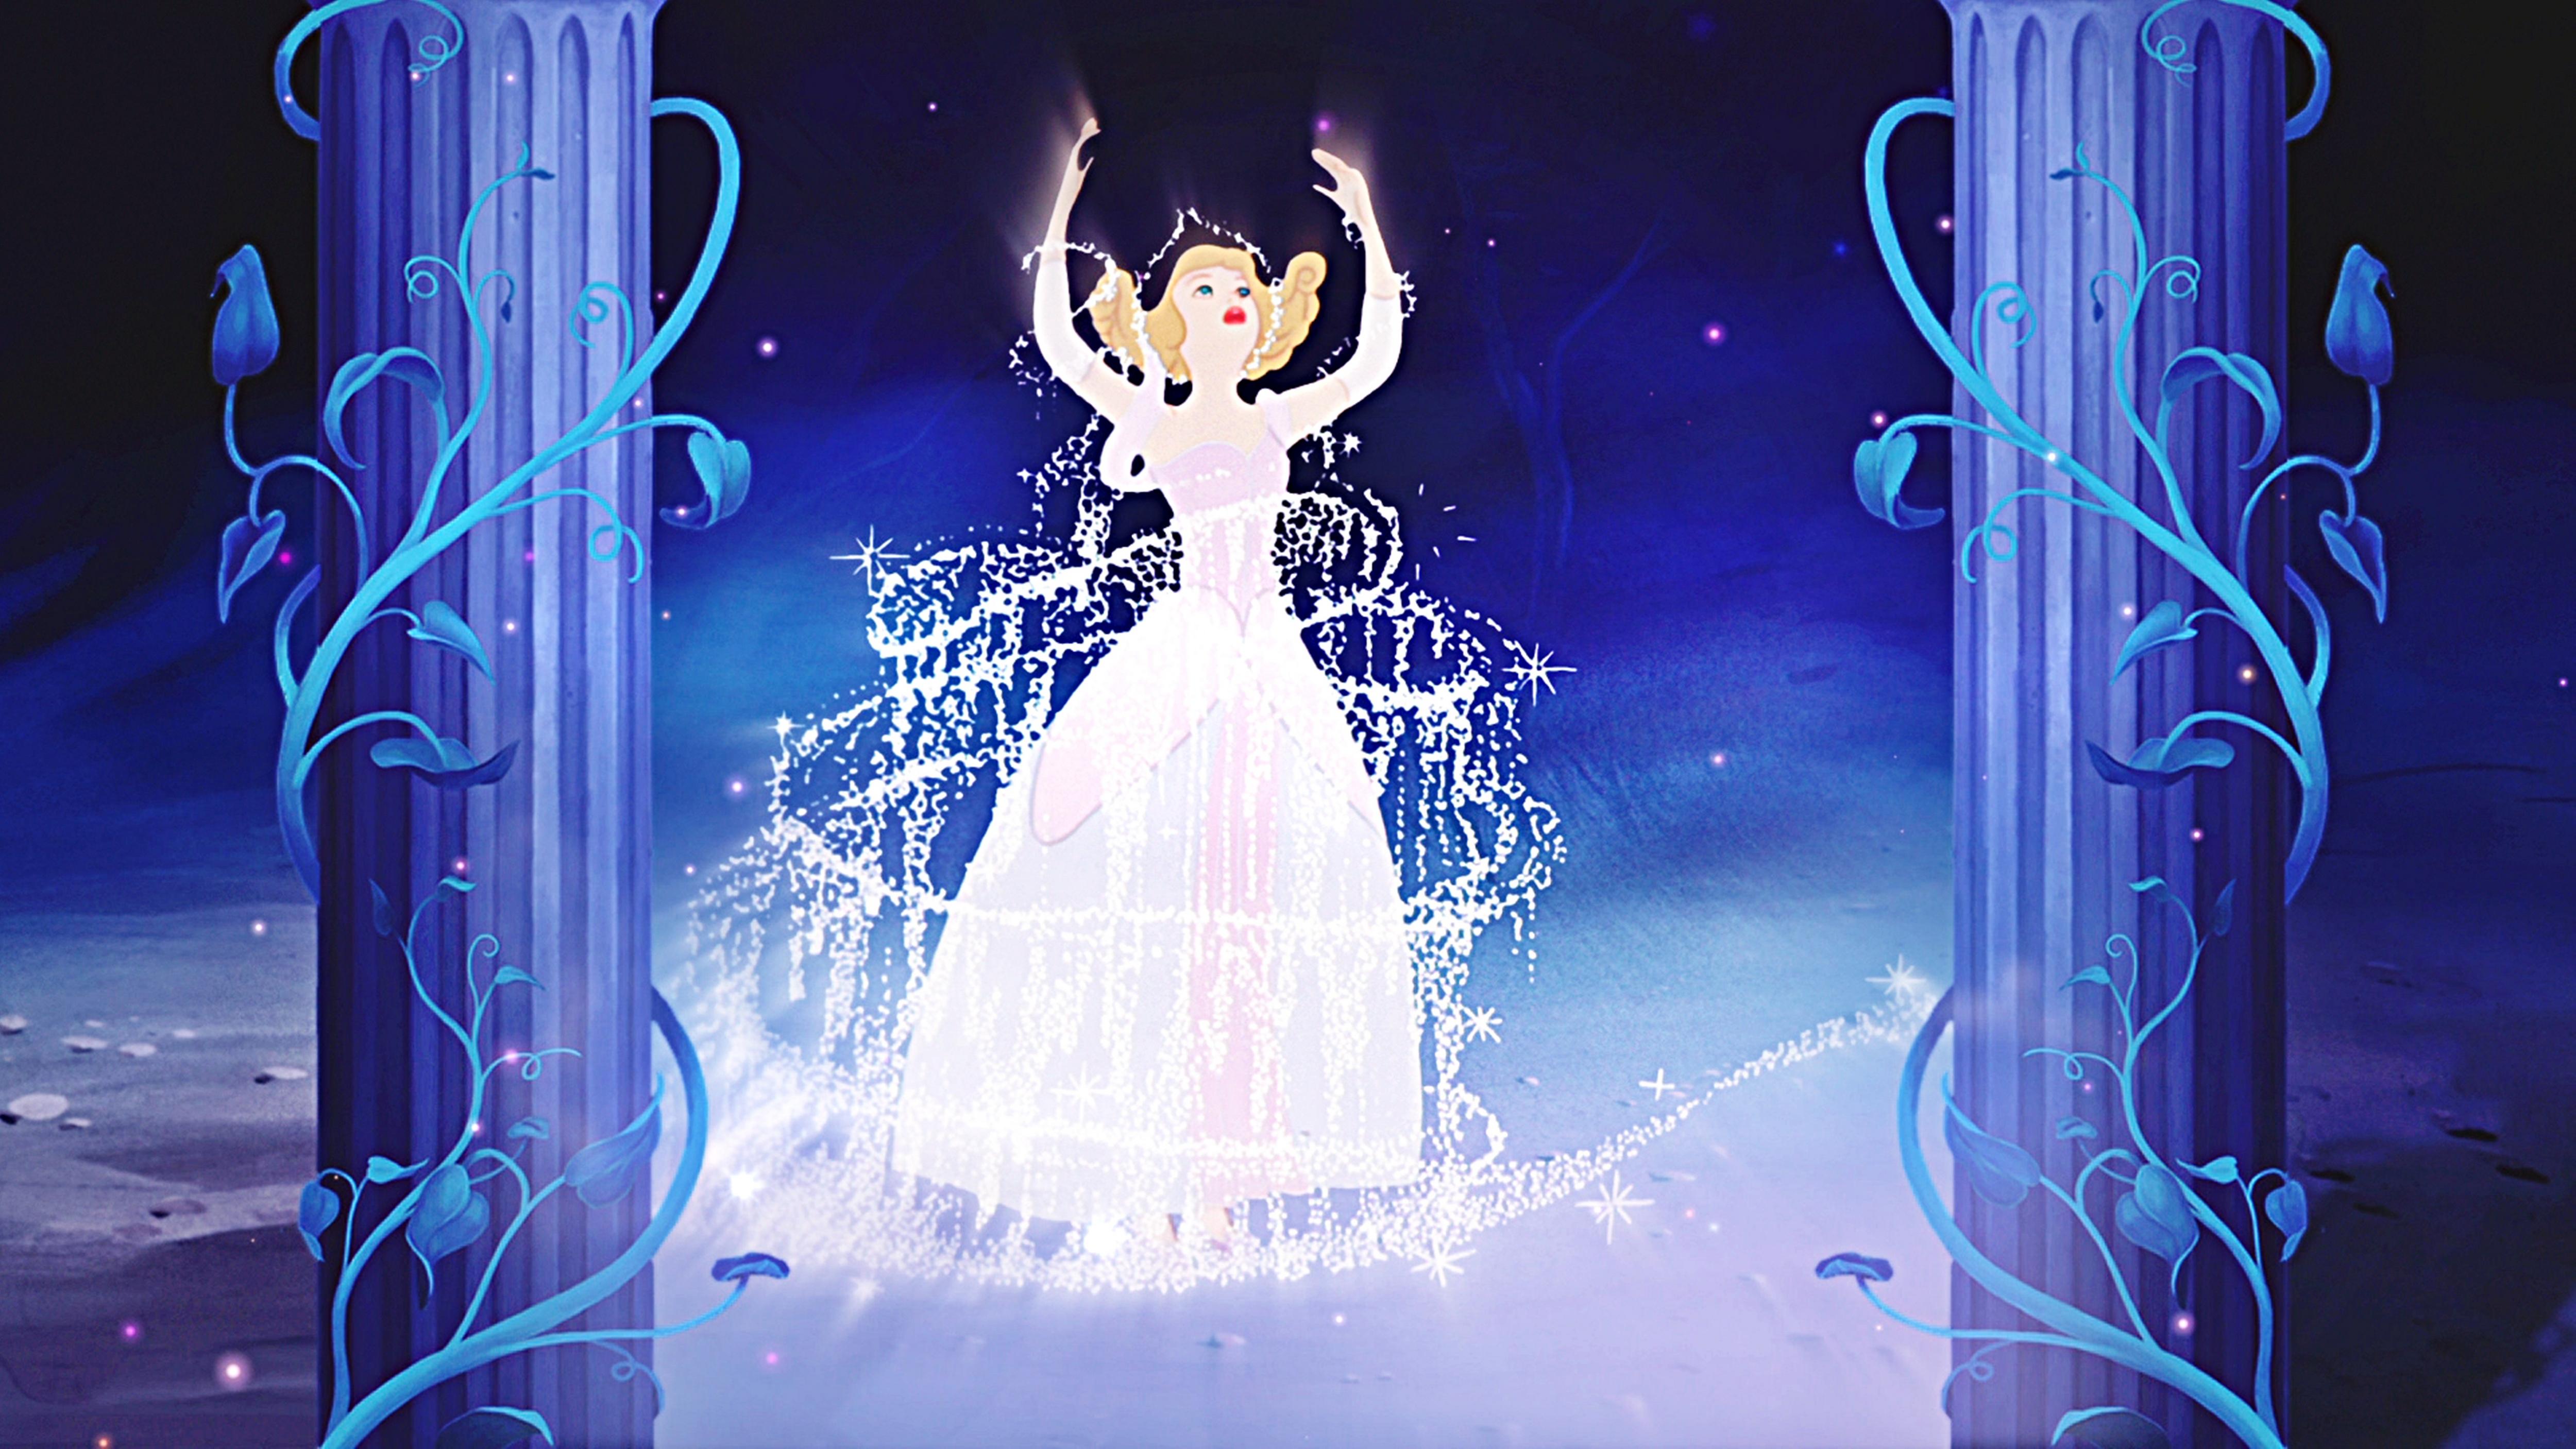 Disney Princess Wallpapers - Princess Cinderella